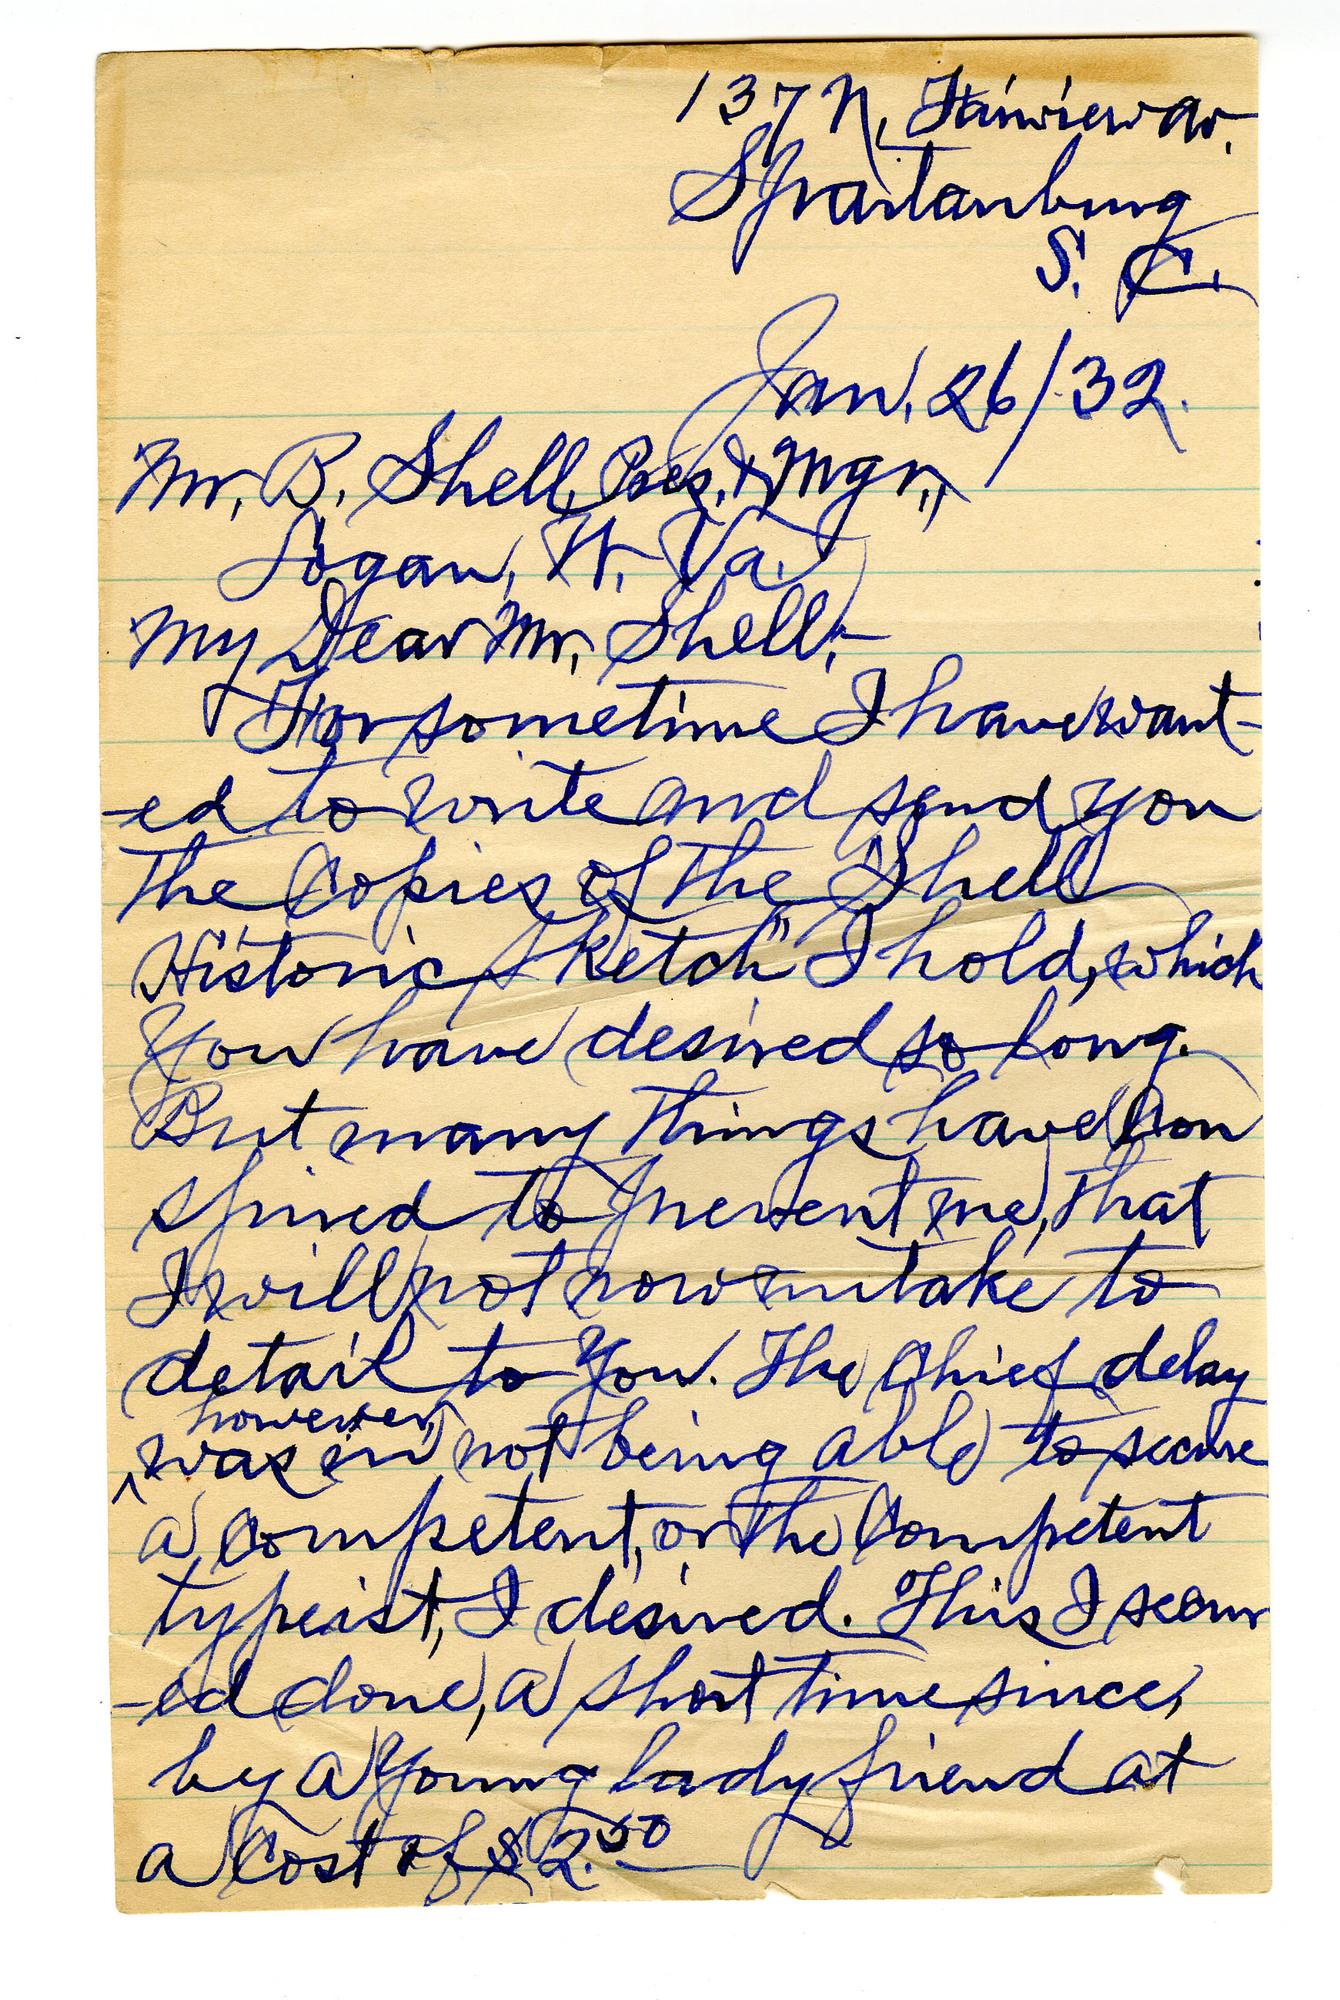 Ms1959_001_Letter_Jan26_1932_p1.jpg